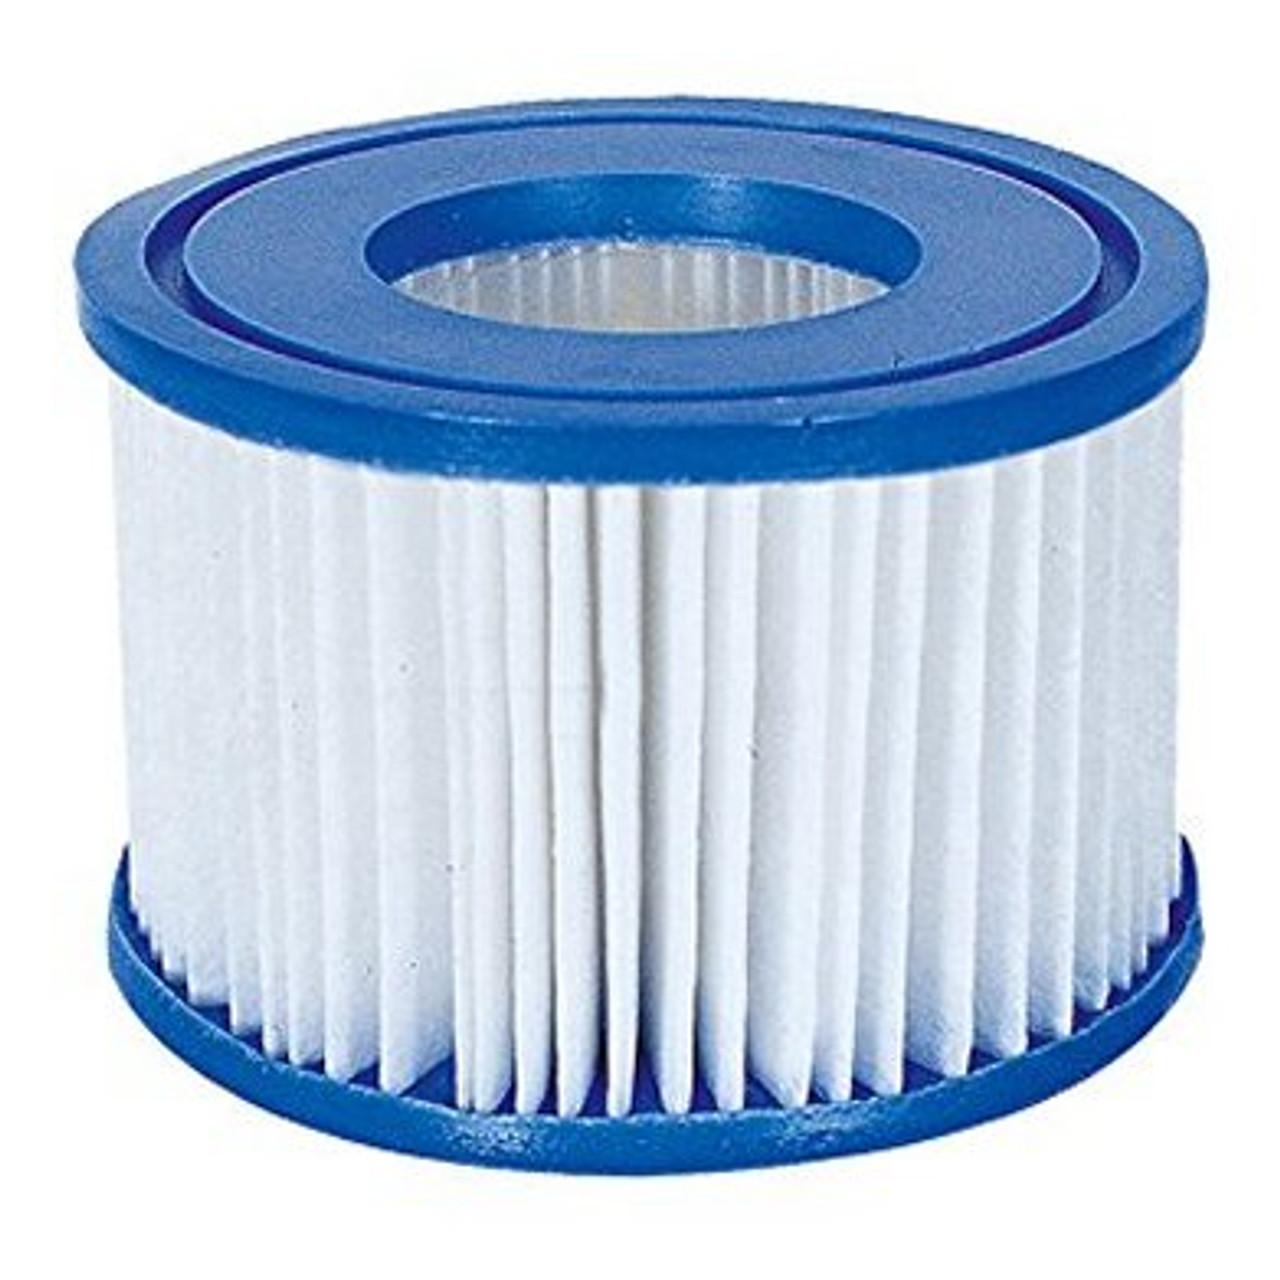 Bestway Spa filter cartridges 58239